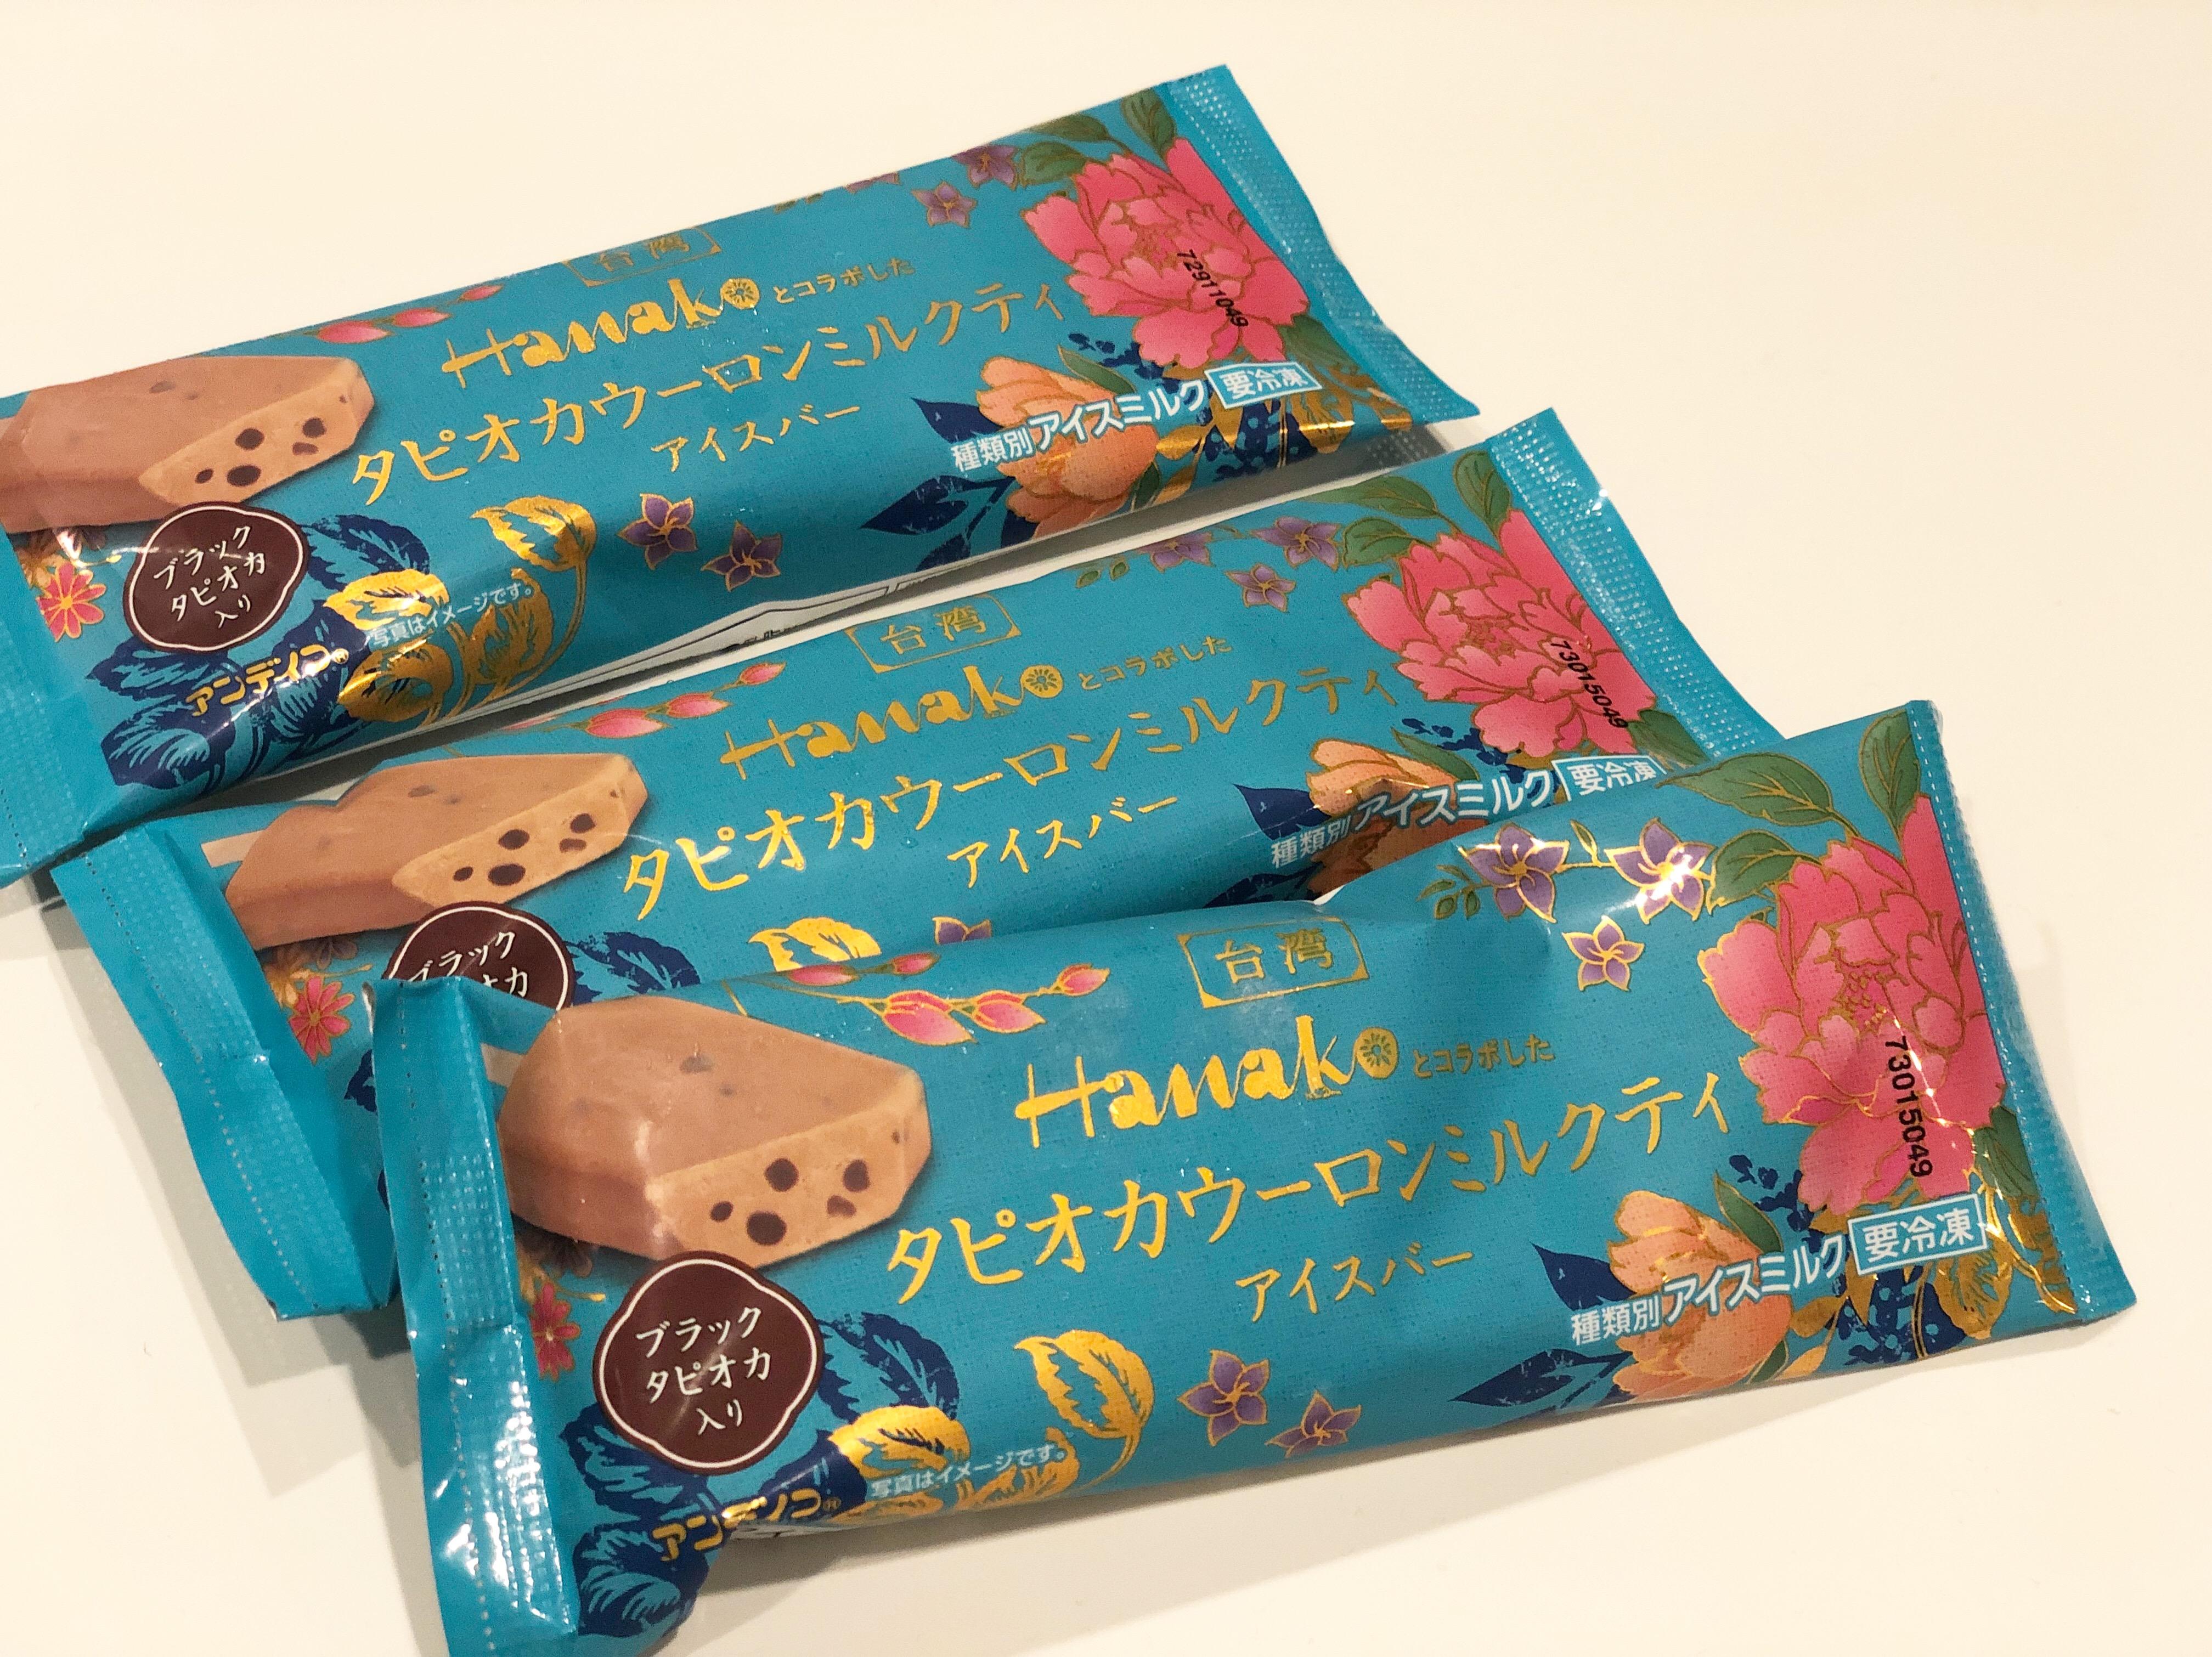 人気雑誌Hanako監修のタピオカウーロンミルクティアイスバー!